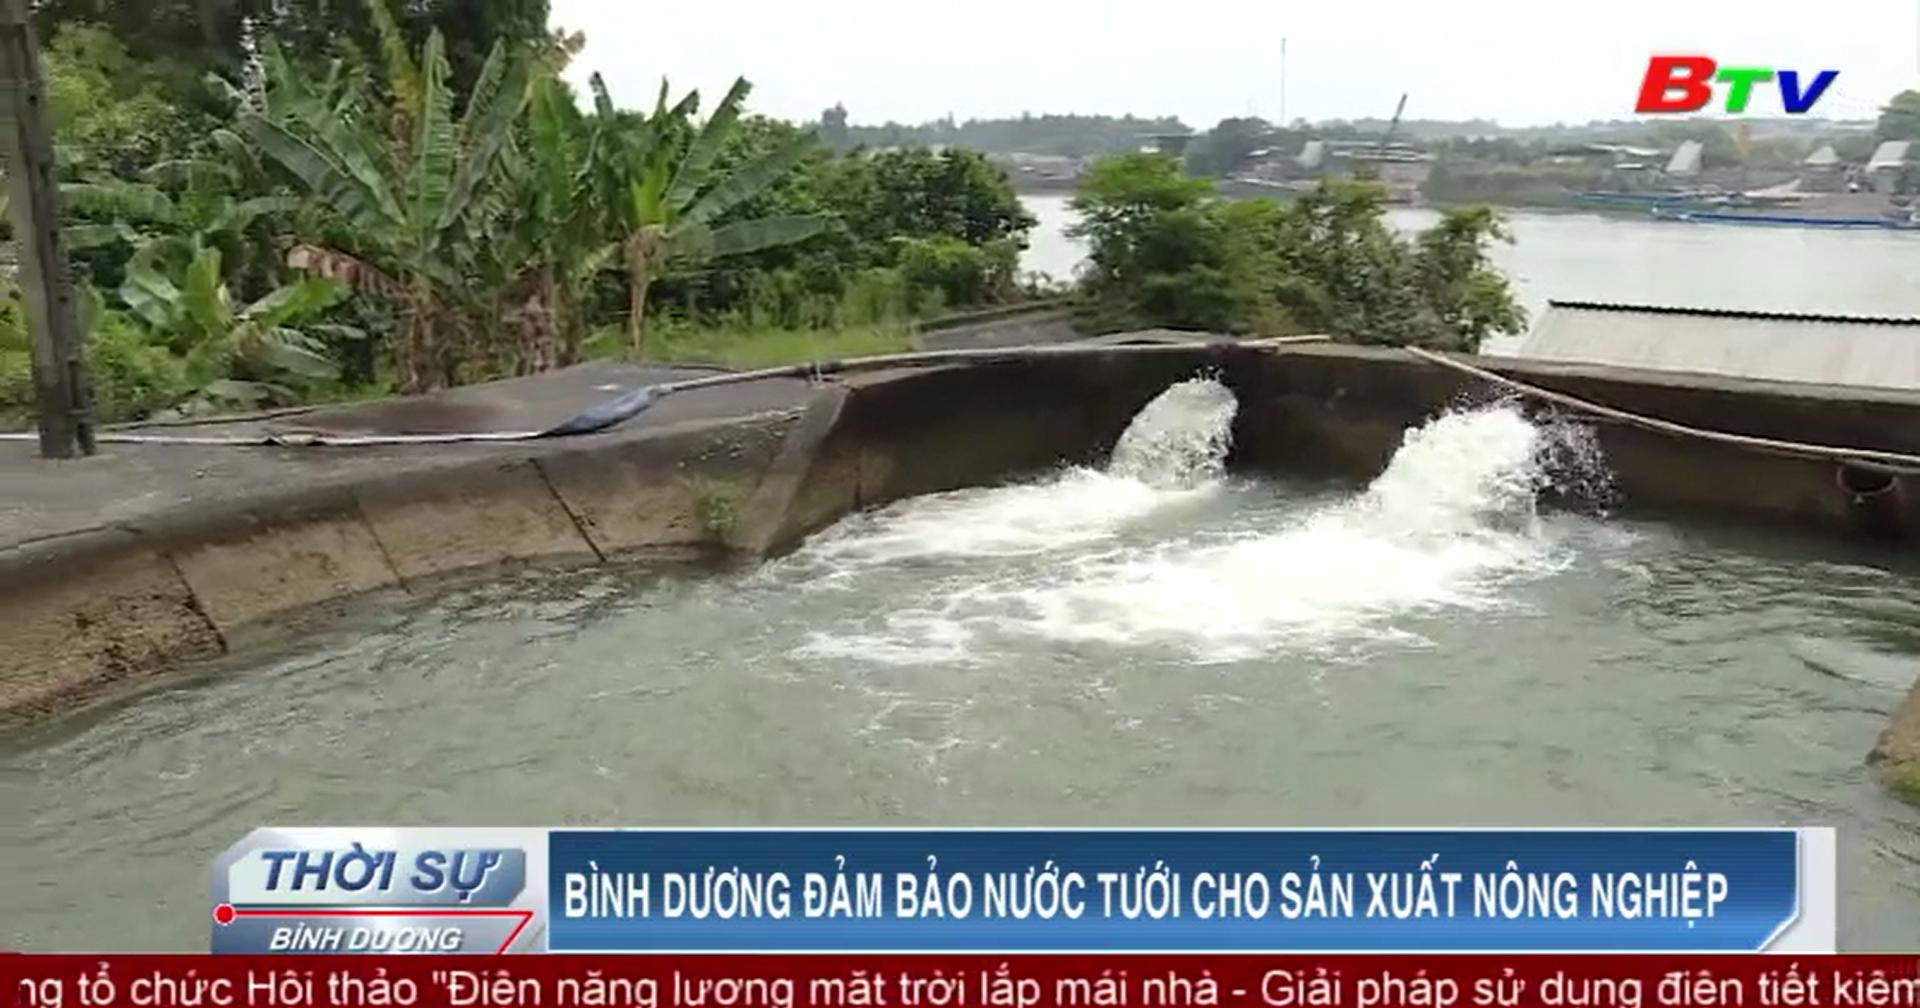 Bình Dương đảm bảo nước tưới cho sản xuất nông nghiệp